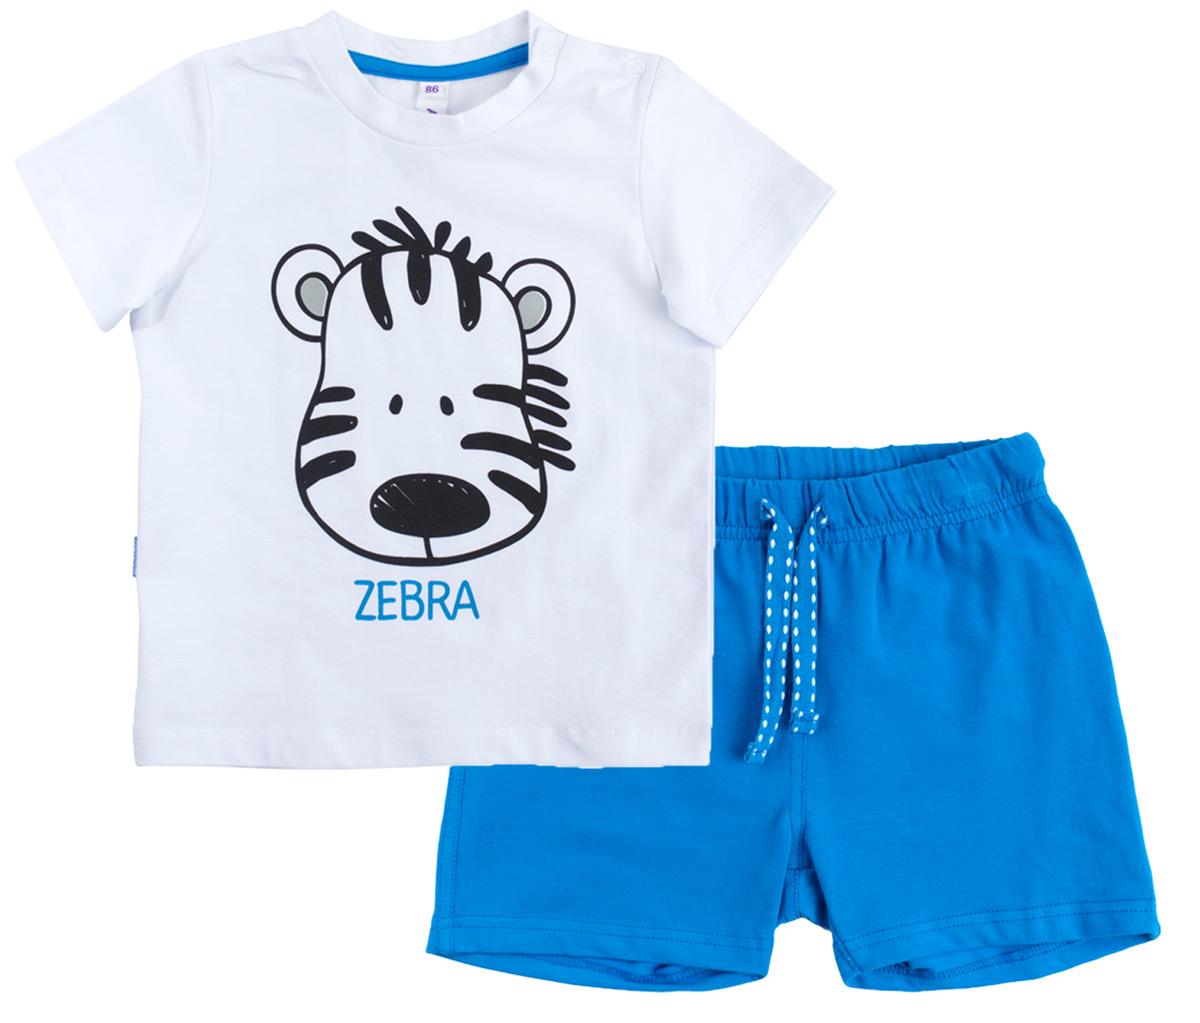 Комплект для мальчика PlayToday: футболка, шорты, цвет: белый, синий. 187063. Размер 98187063